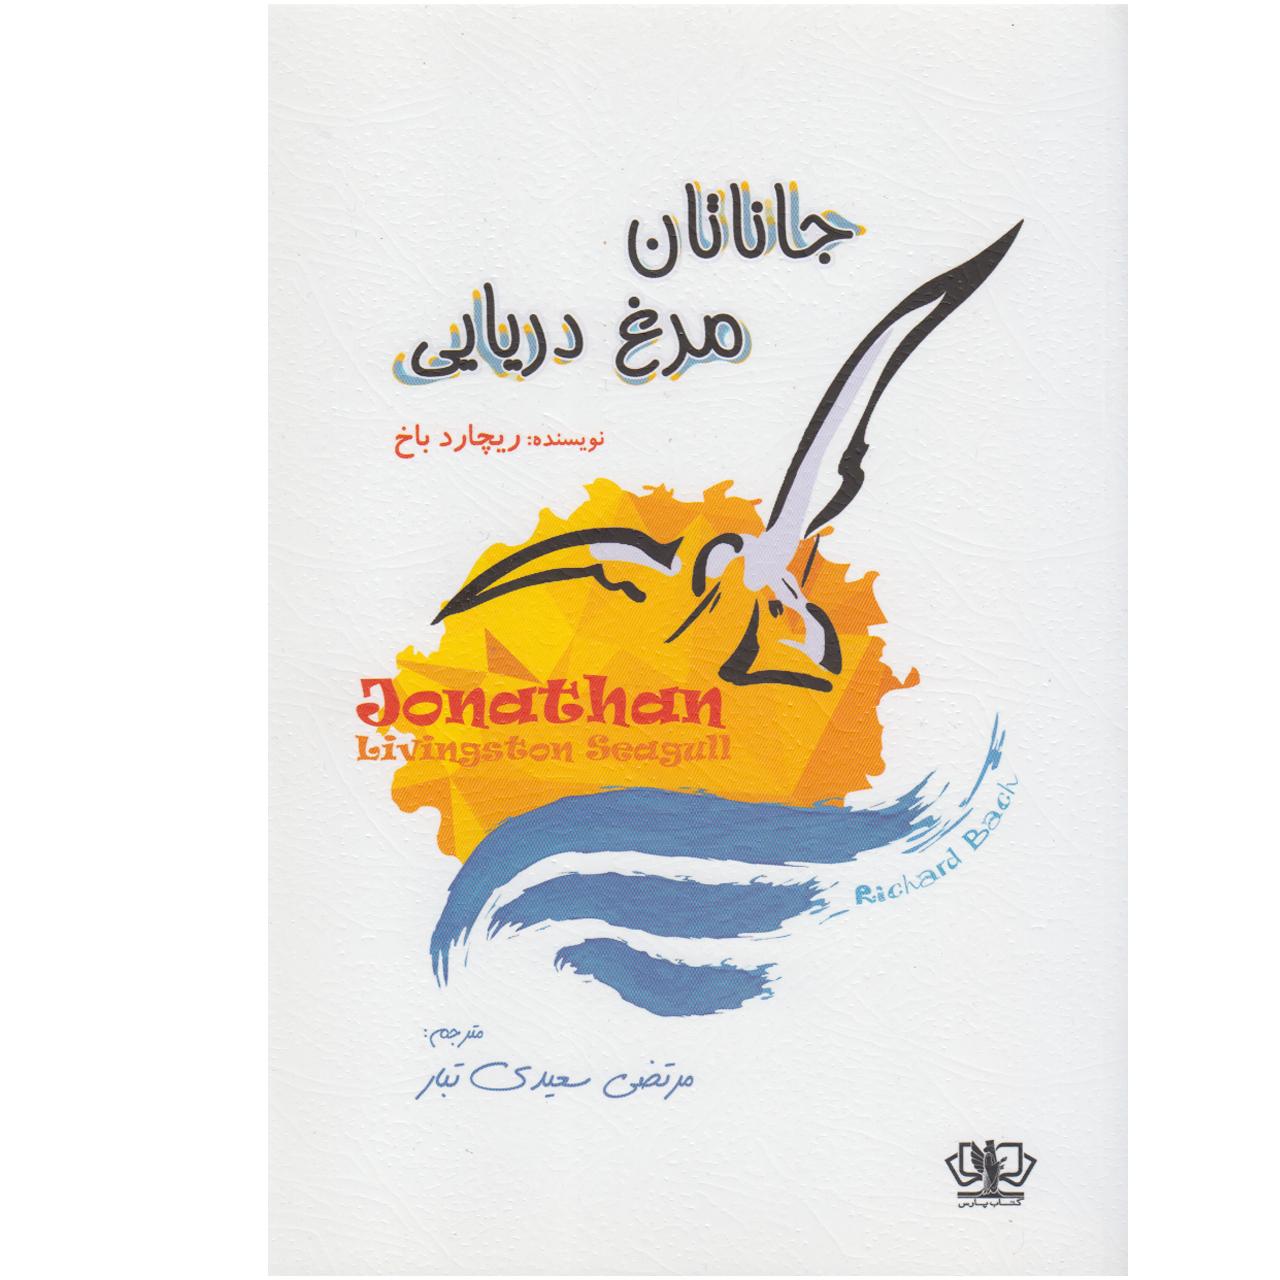 خرید                      کتاب جاناتان مرغ دریایی اثرریچاردباخ نشر کتاب پارس